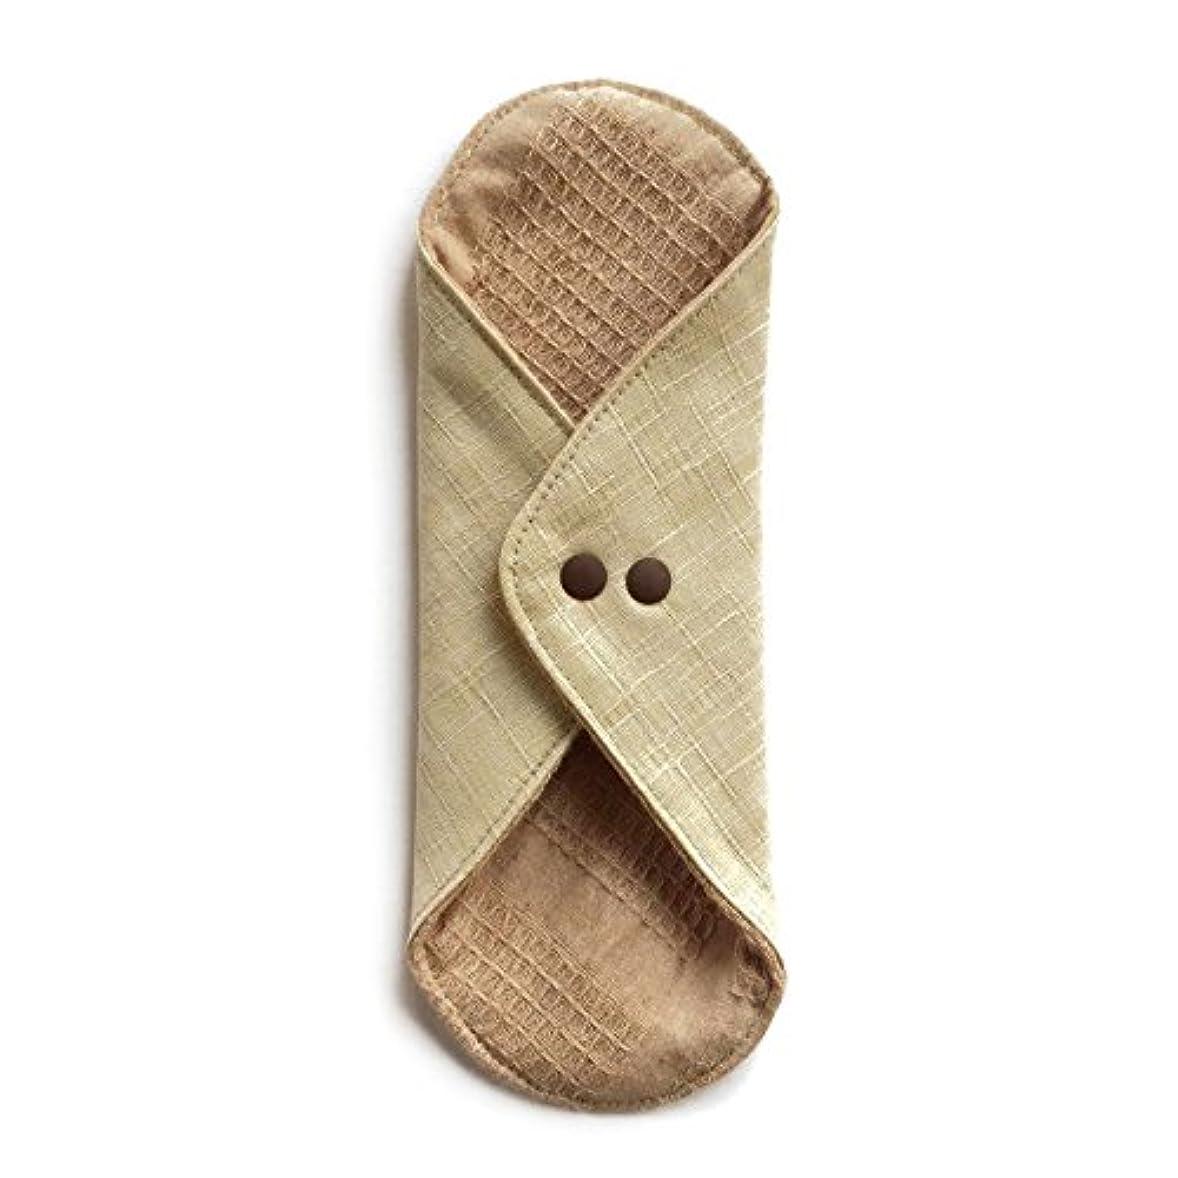 ためらう話すなめらか華布のオーガニックコットンのあたため布 Lサイズ (約18×約20.5×約0.5cm) 彩り(百合)